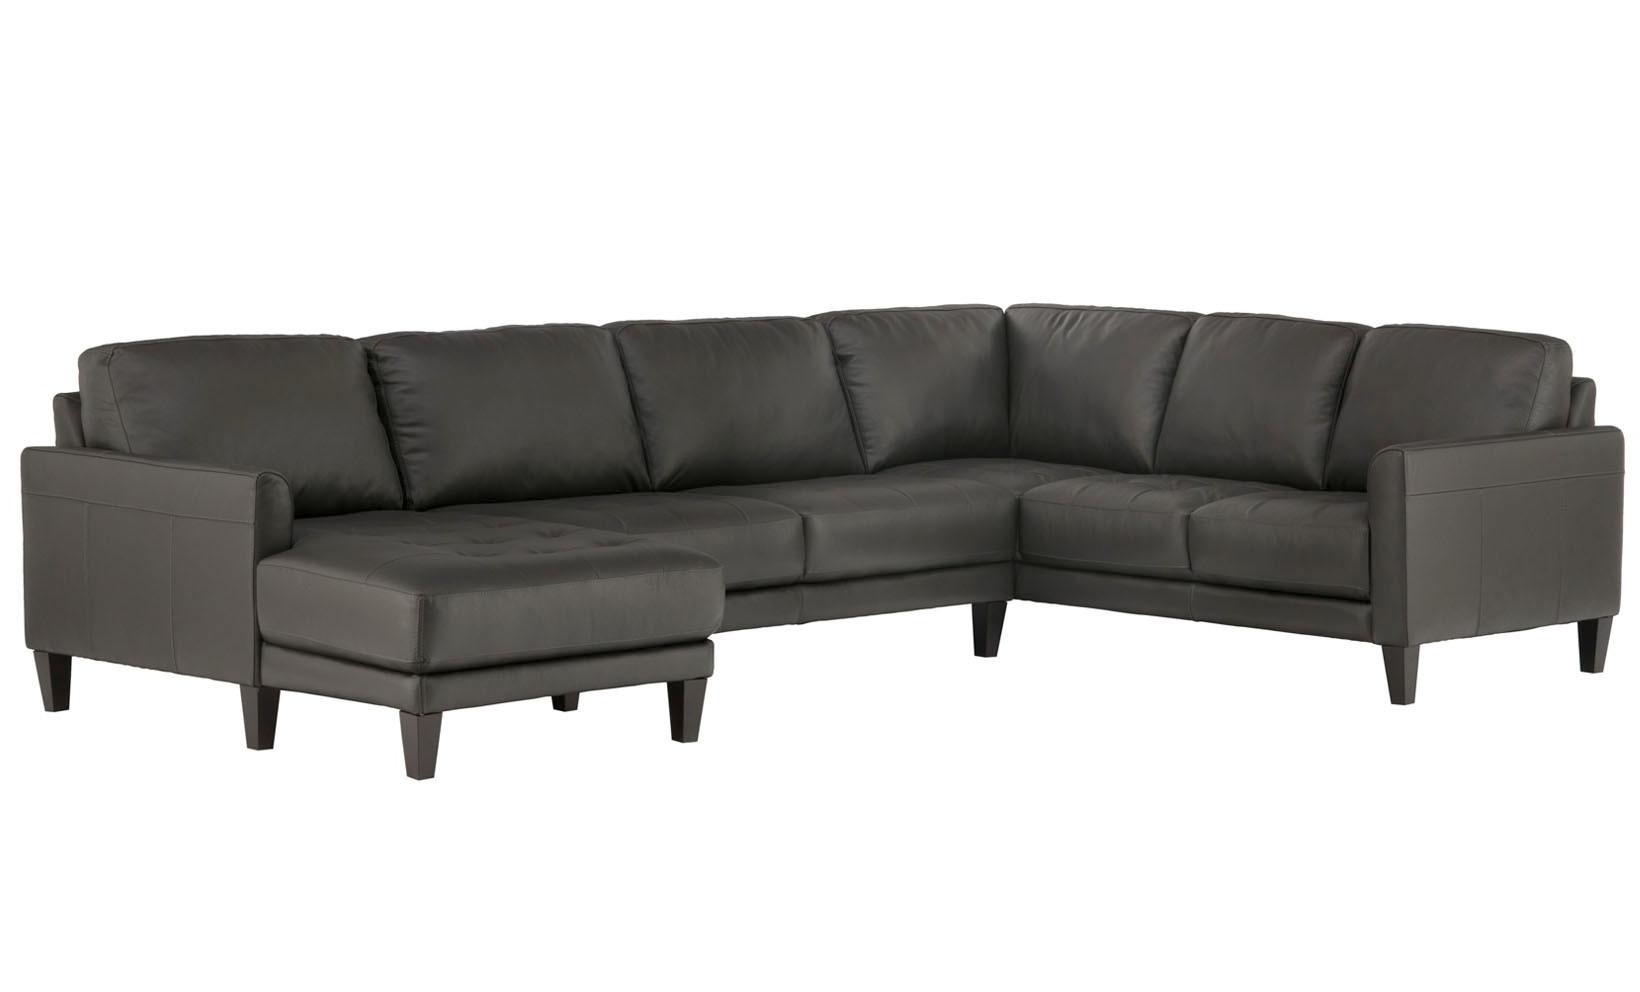 Popular Unique Sectional Sofa Minneapolis – Buildsimplehome In Minneapolis Sectional Sofas (View 5 of 20)